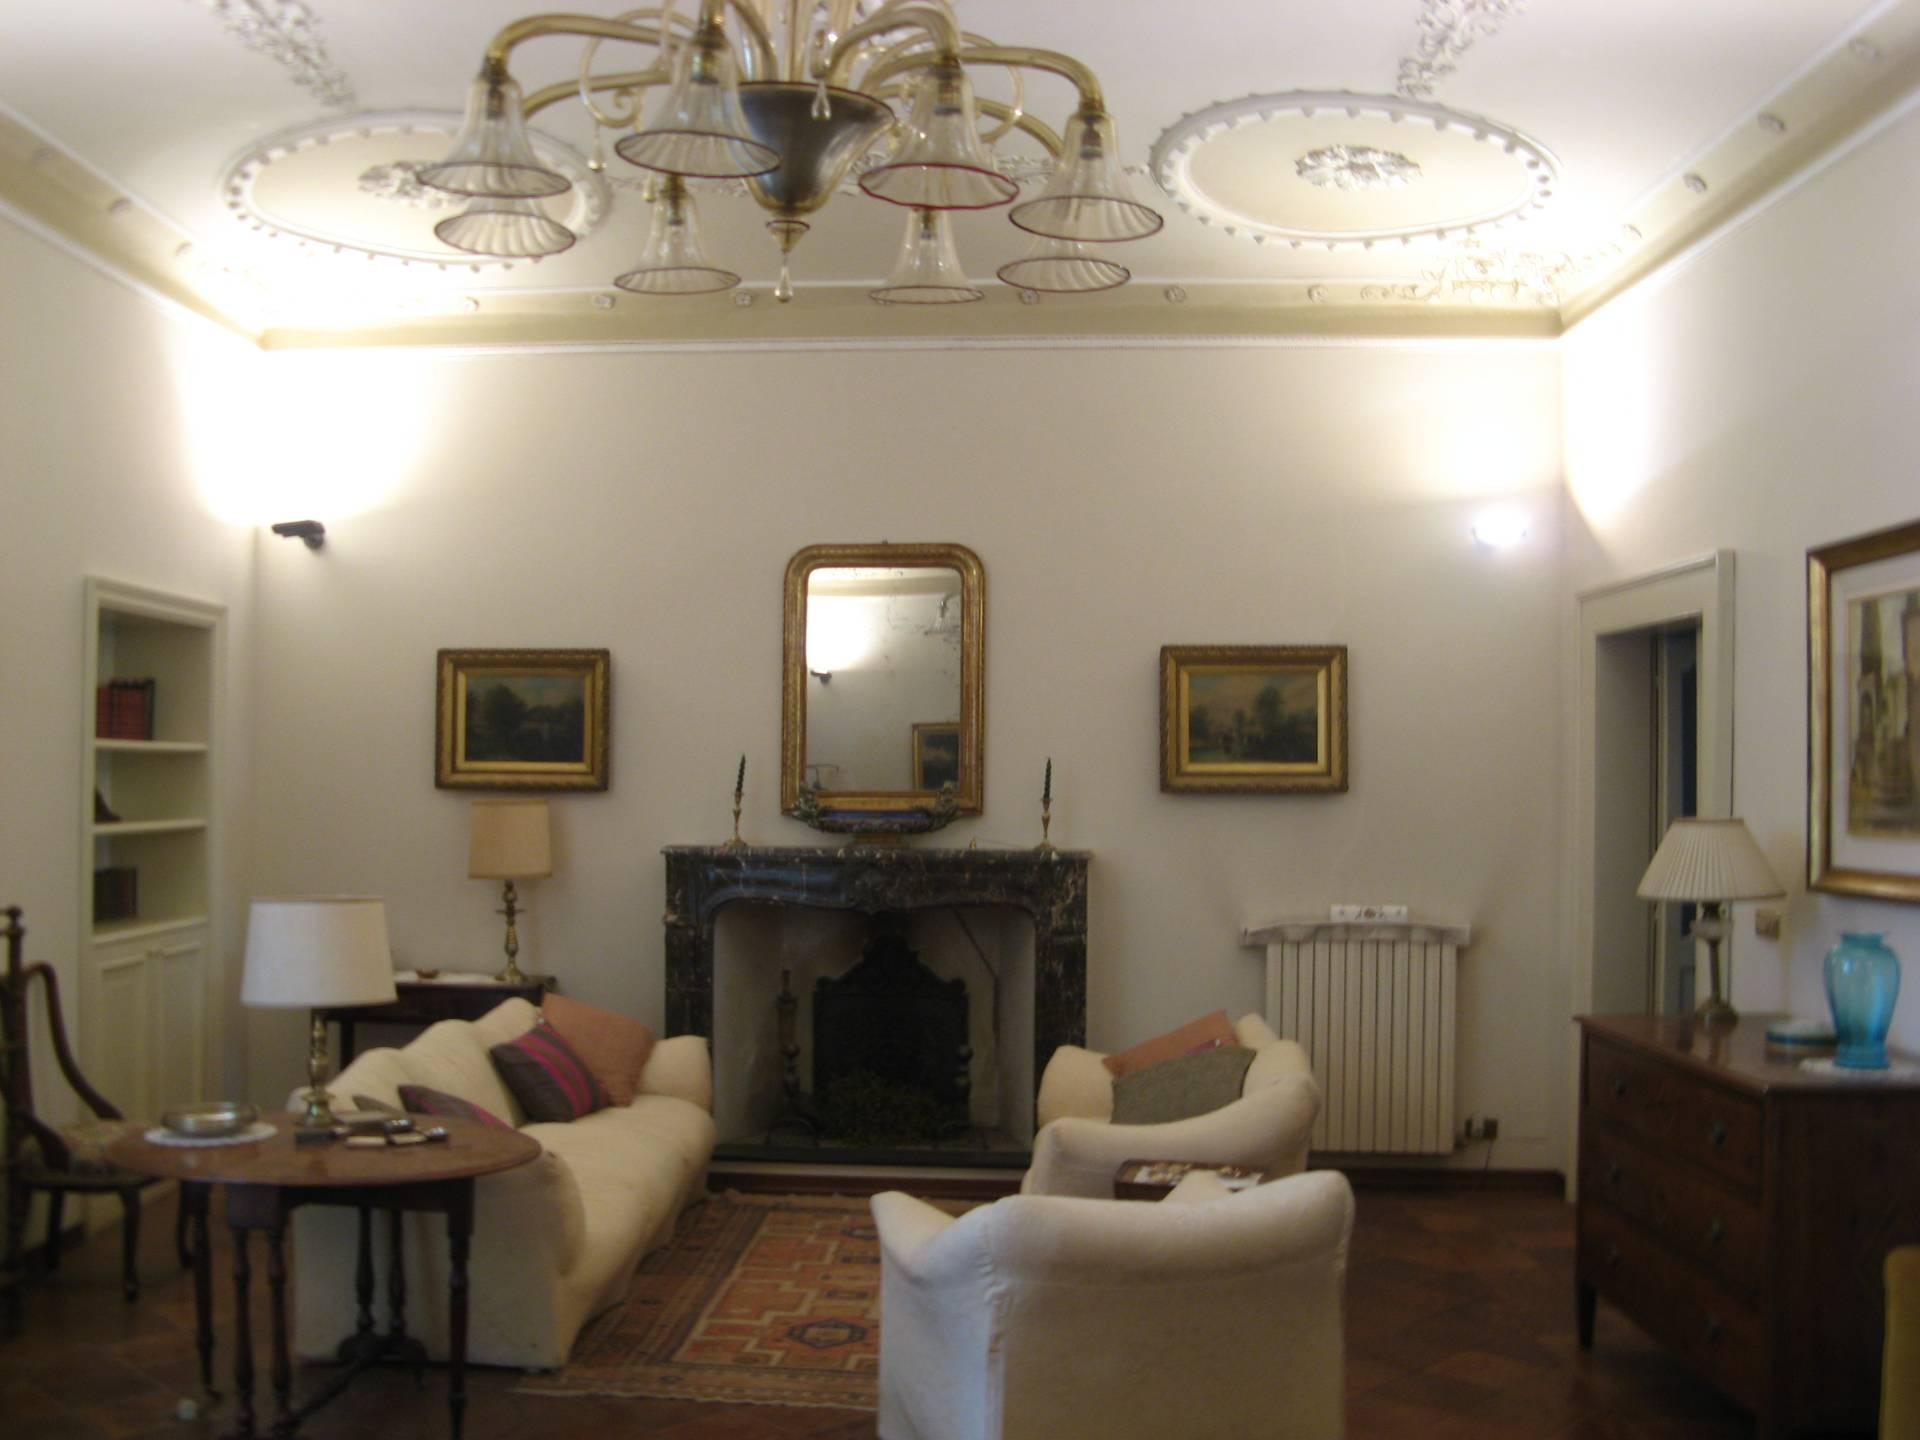 Palazzo / Stabile in vendita a Ascoli Piceno, 12 locali, zona Località: CentroStorico, prezzo € 750.000 | Cambio Casa.it